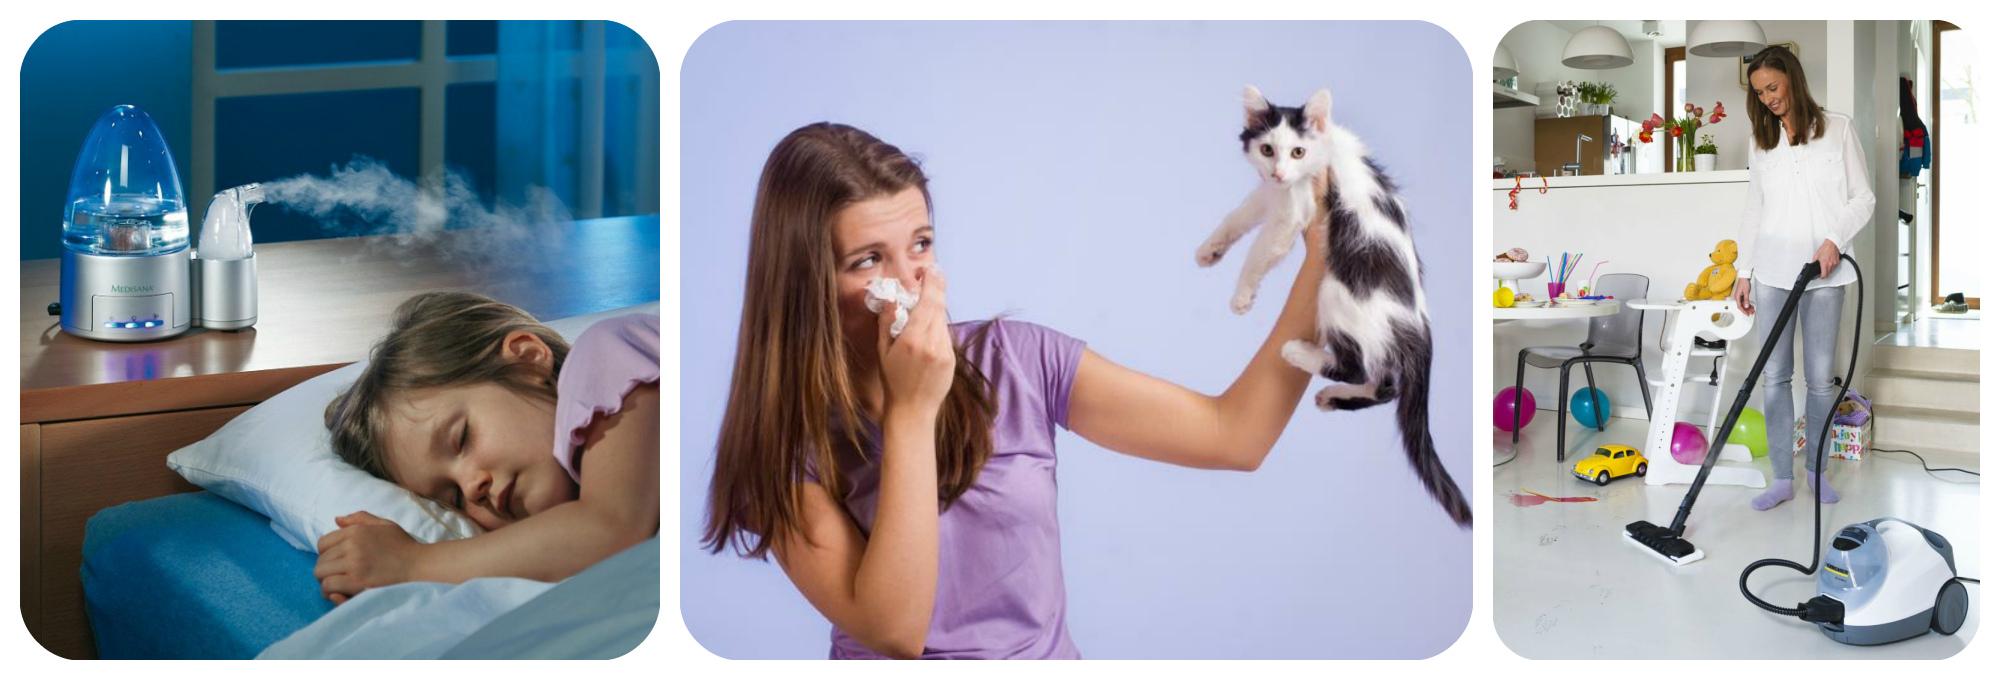 уборка, исключить домашних животных, увлажнение воздуха